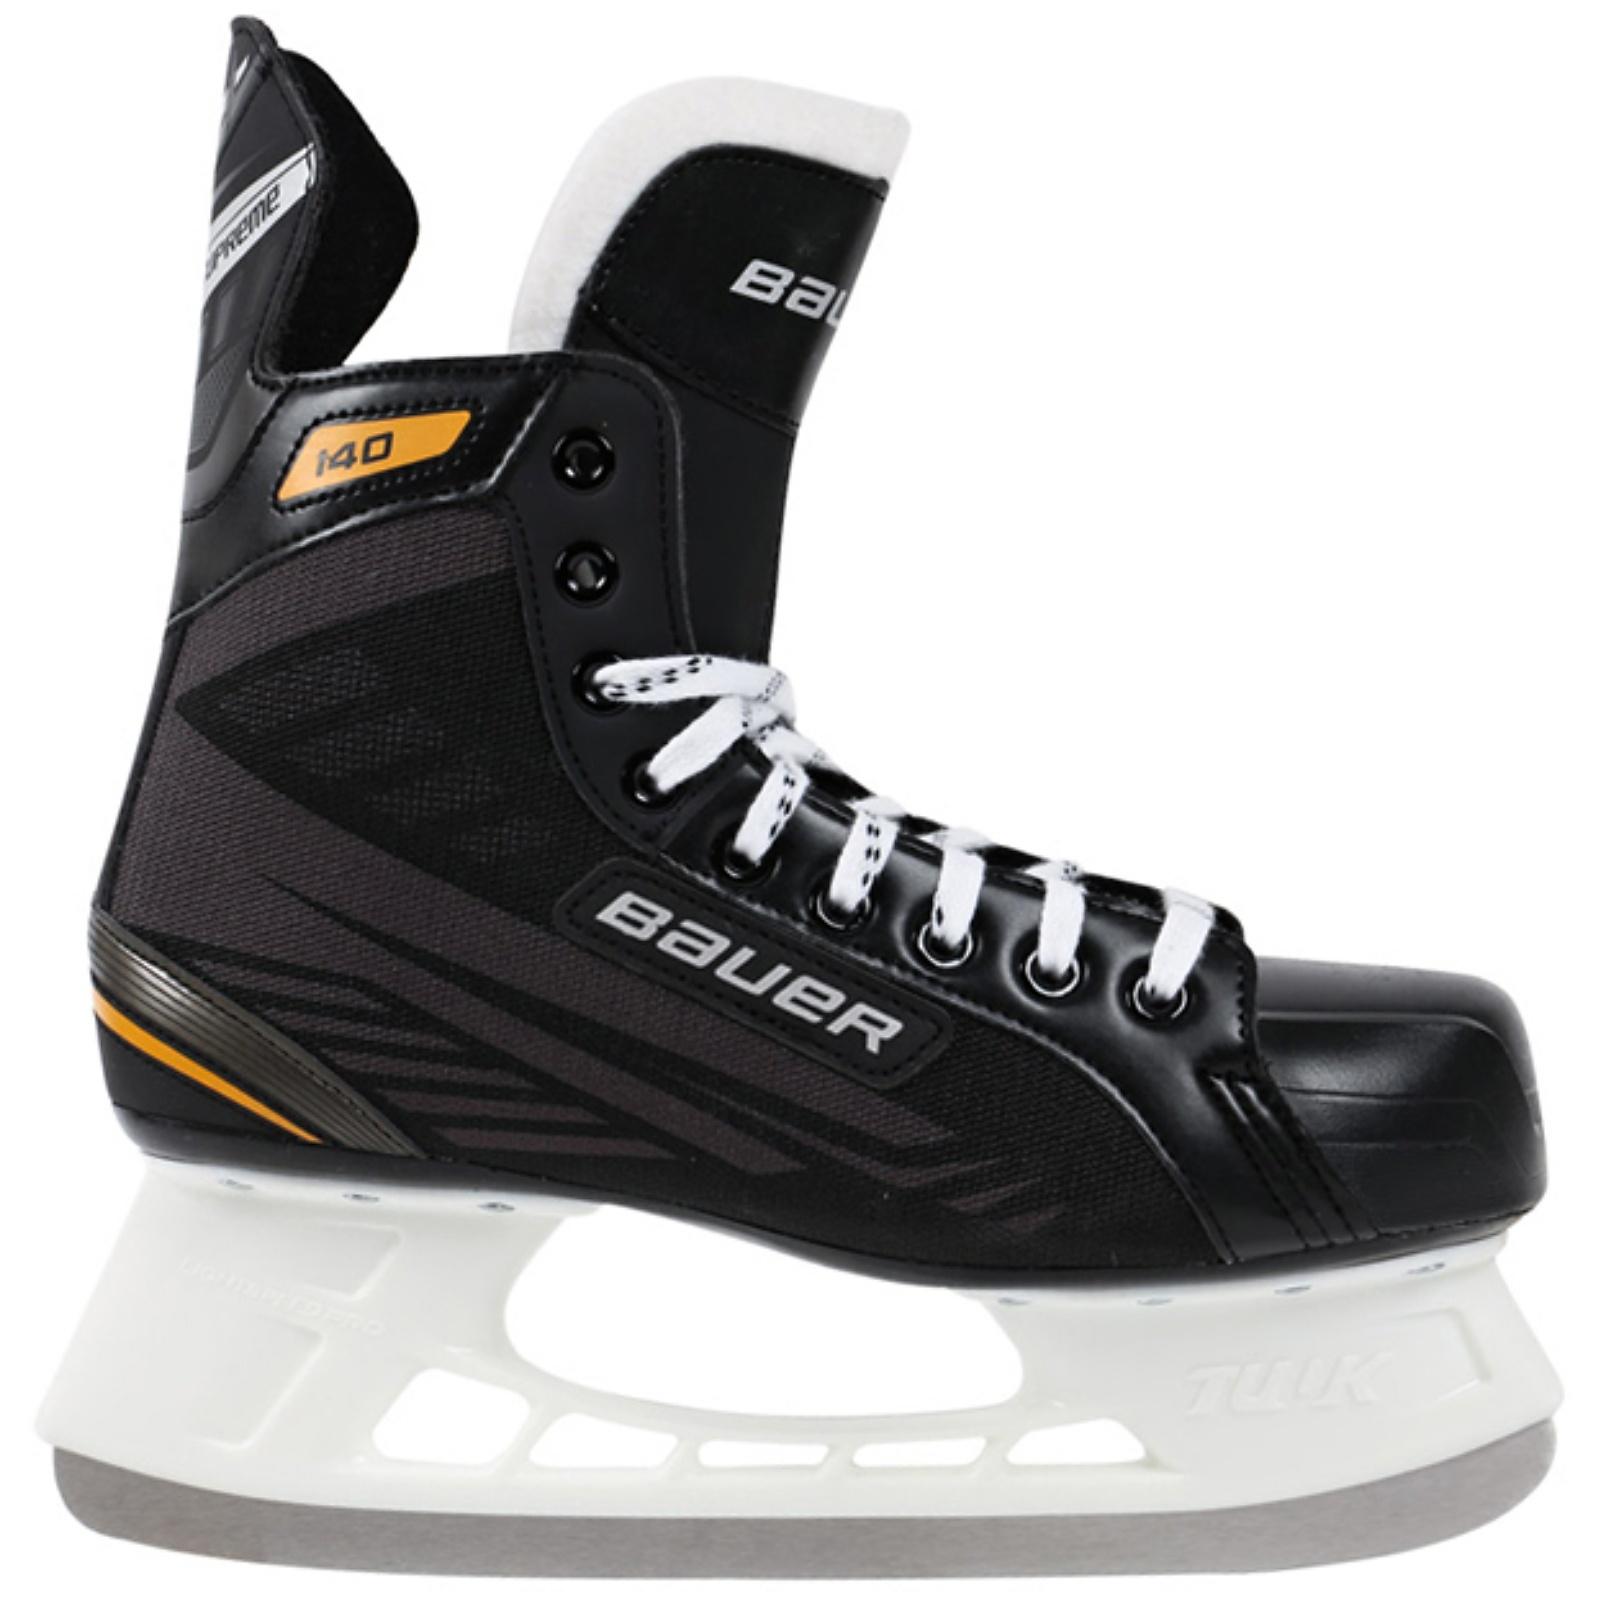 Hokejové brusle BAUER Supreme 140 junior - vel. 36